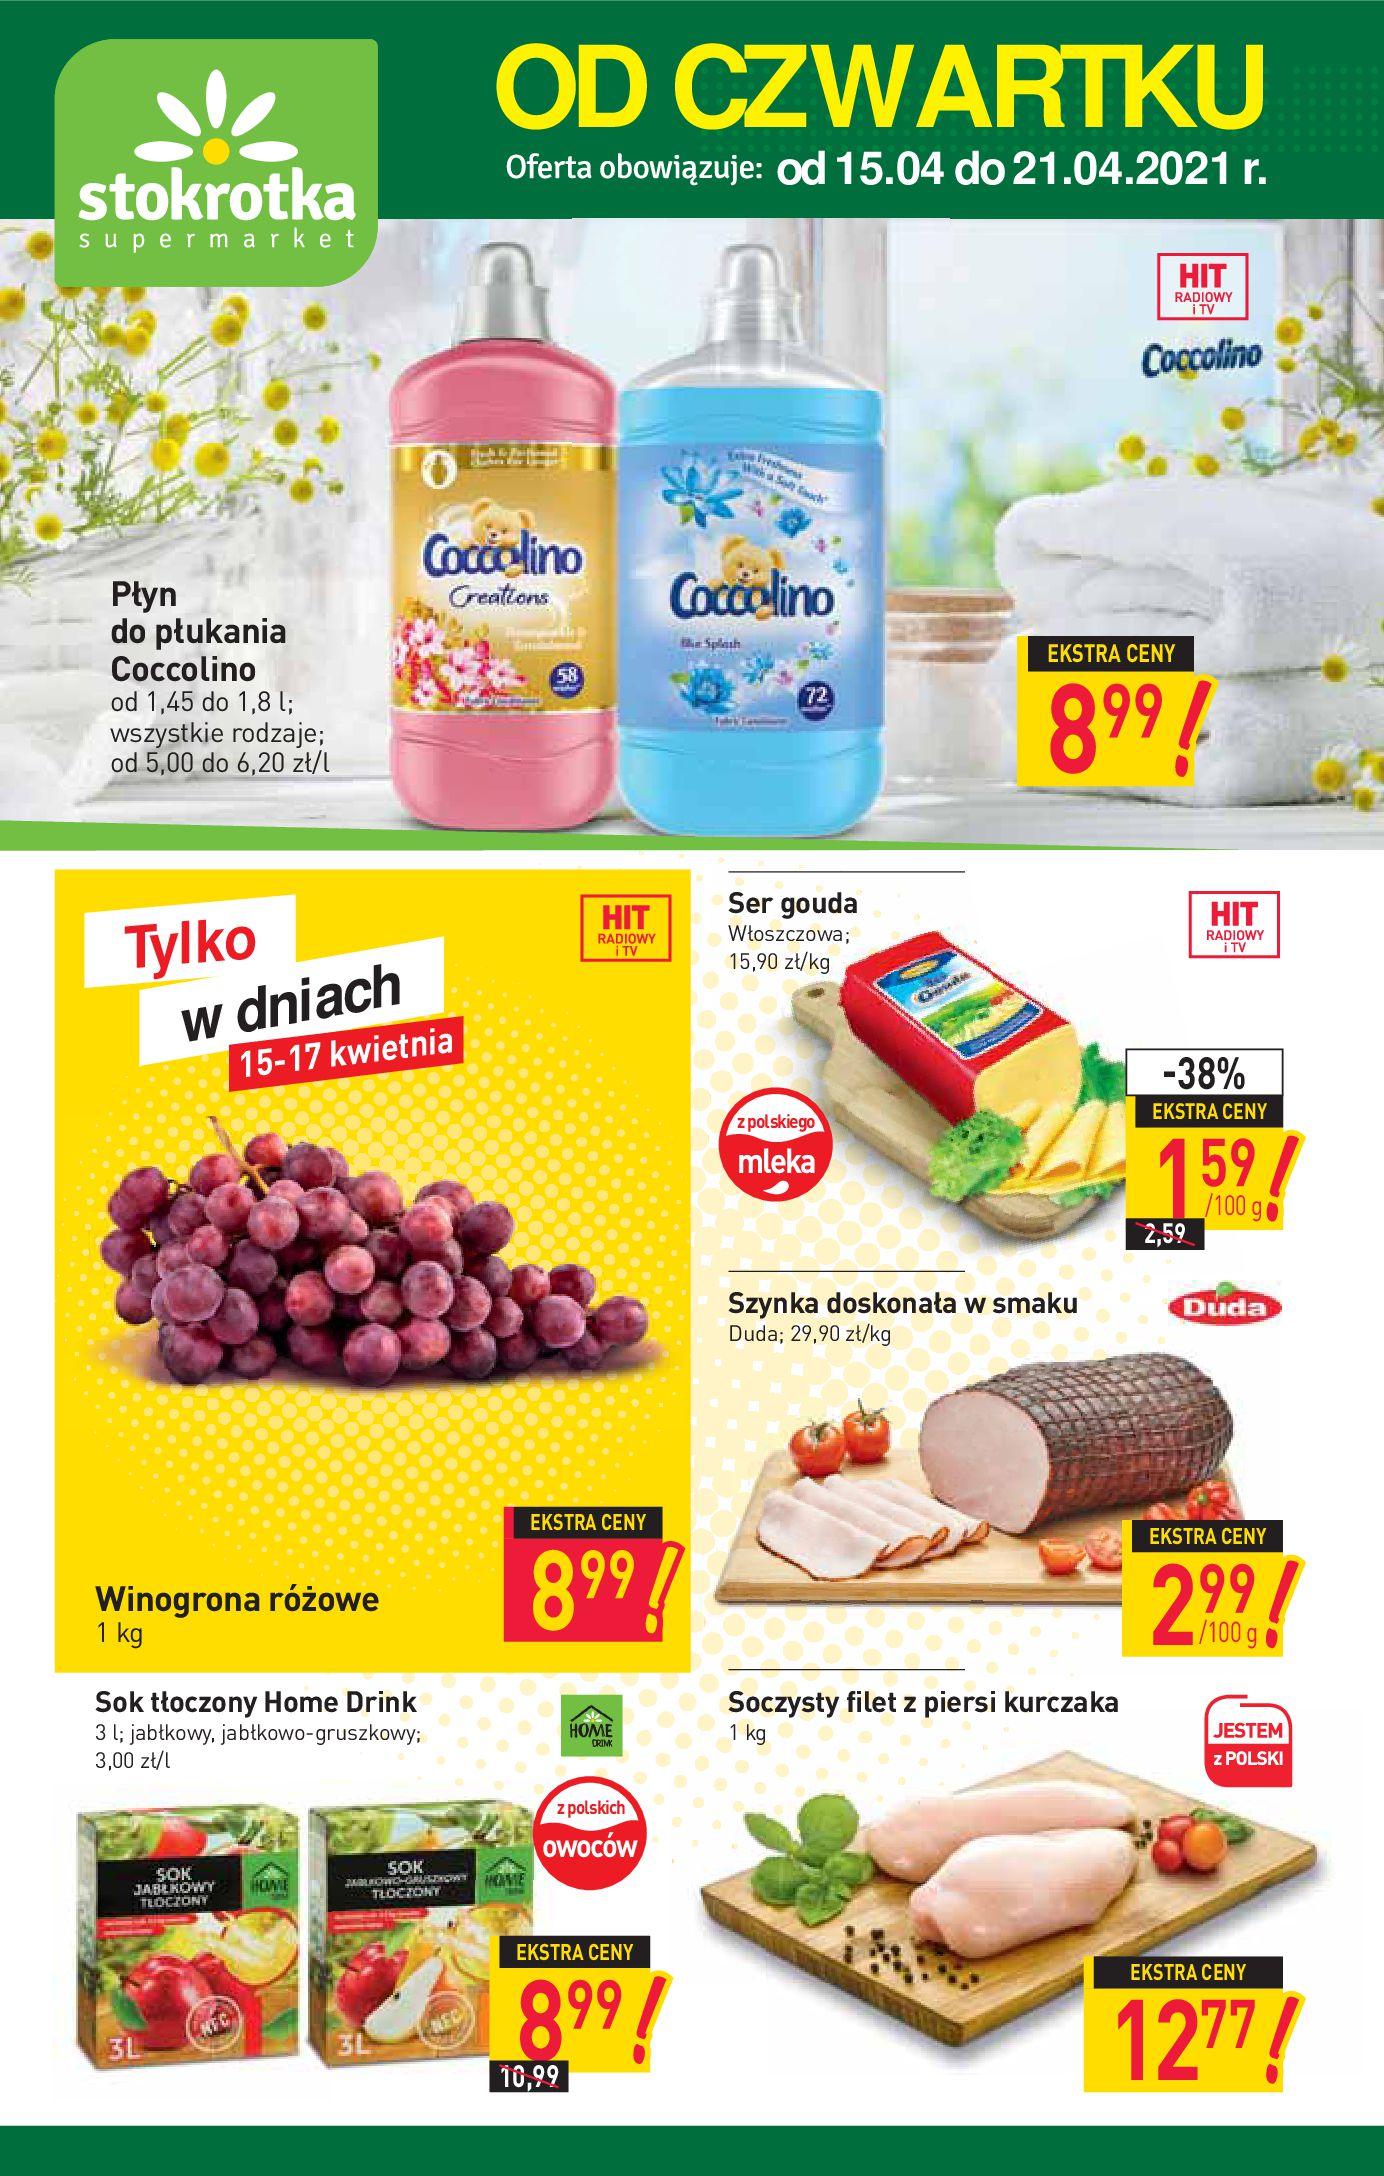 Stokrotka Supermarket:  Gazetka promocyjna od 15.04 14.04.2021